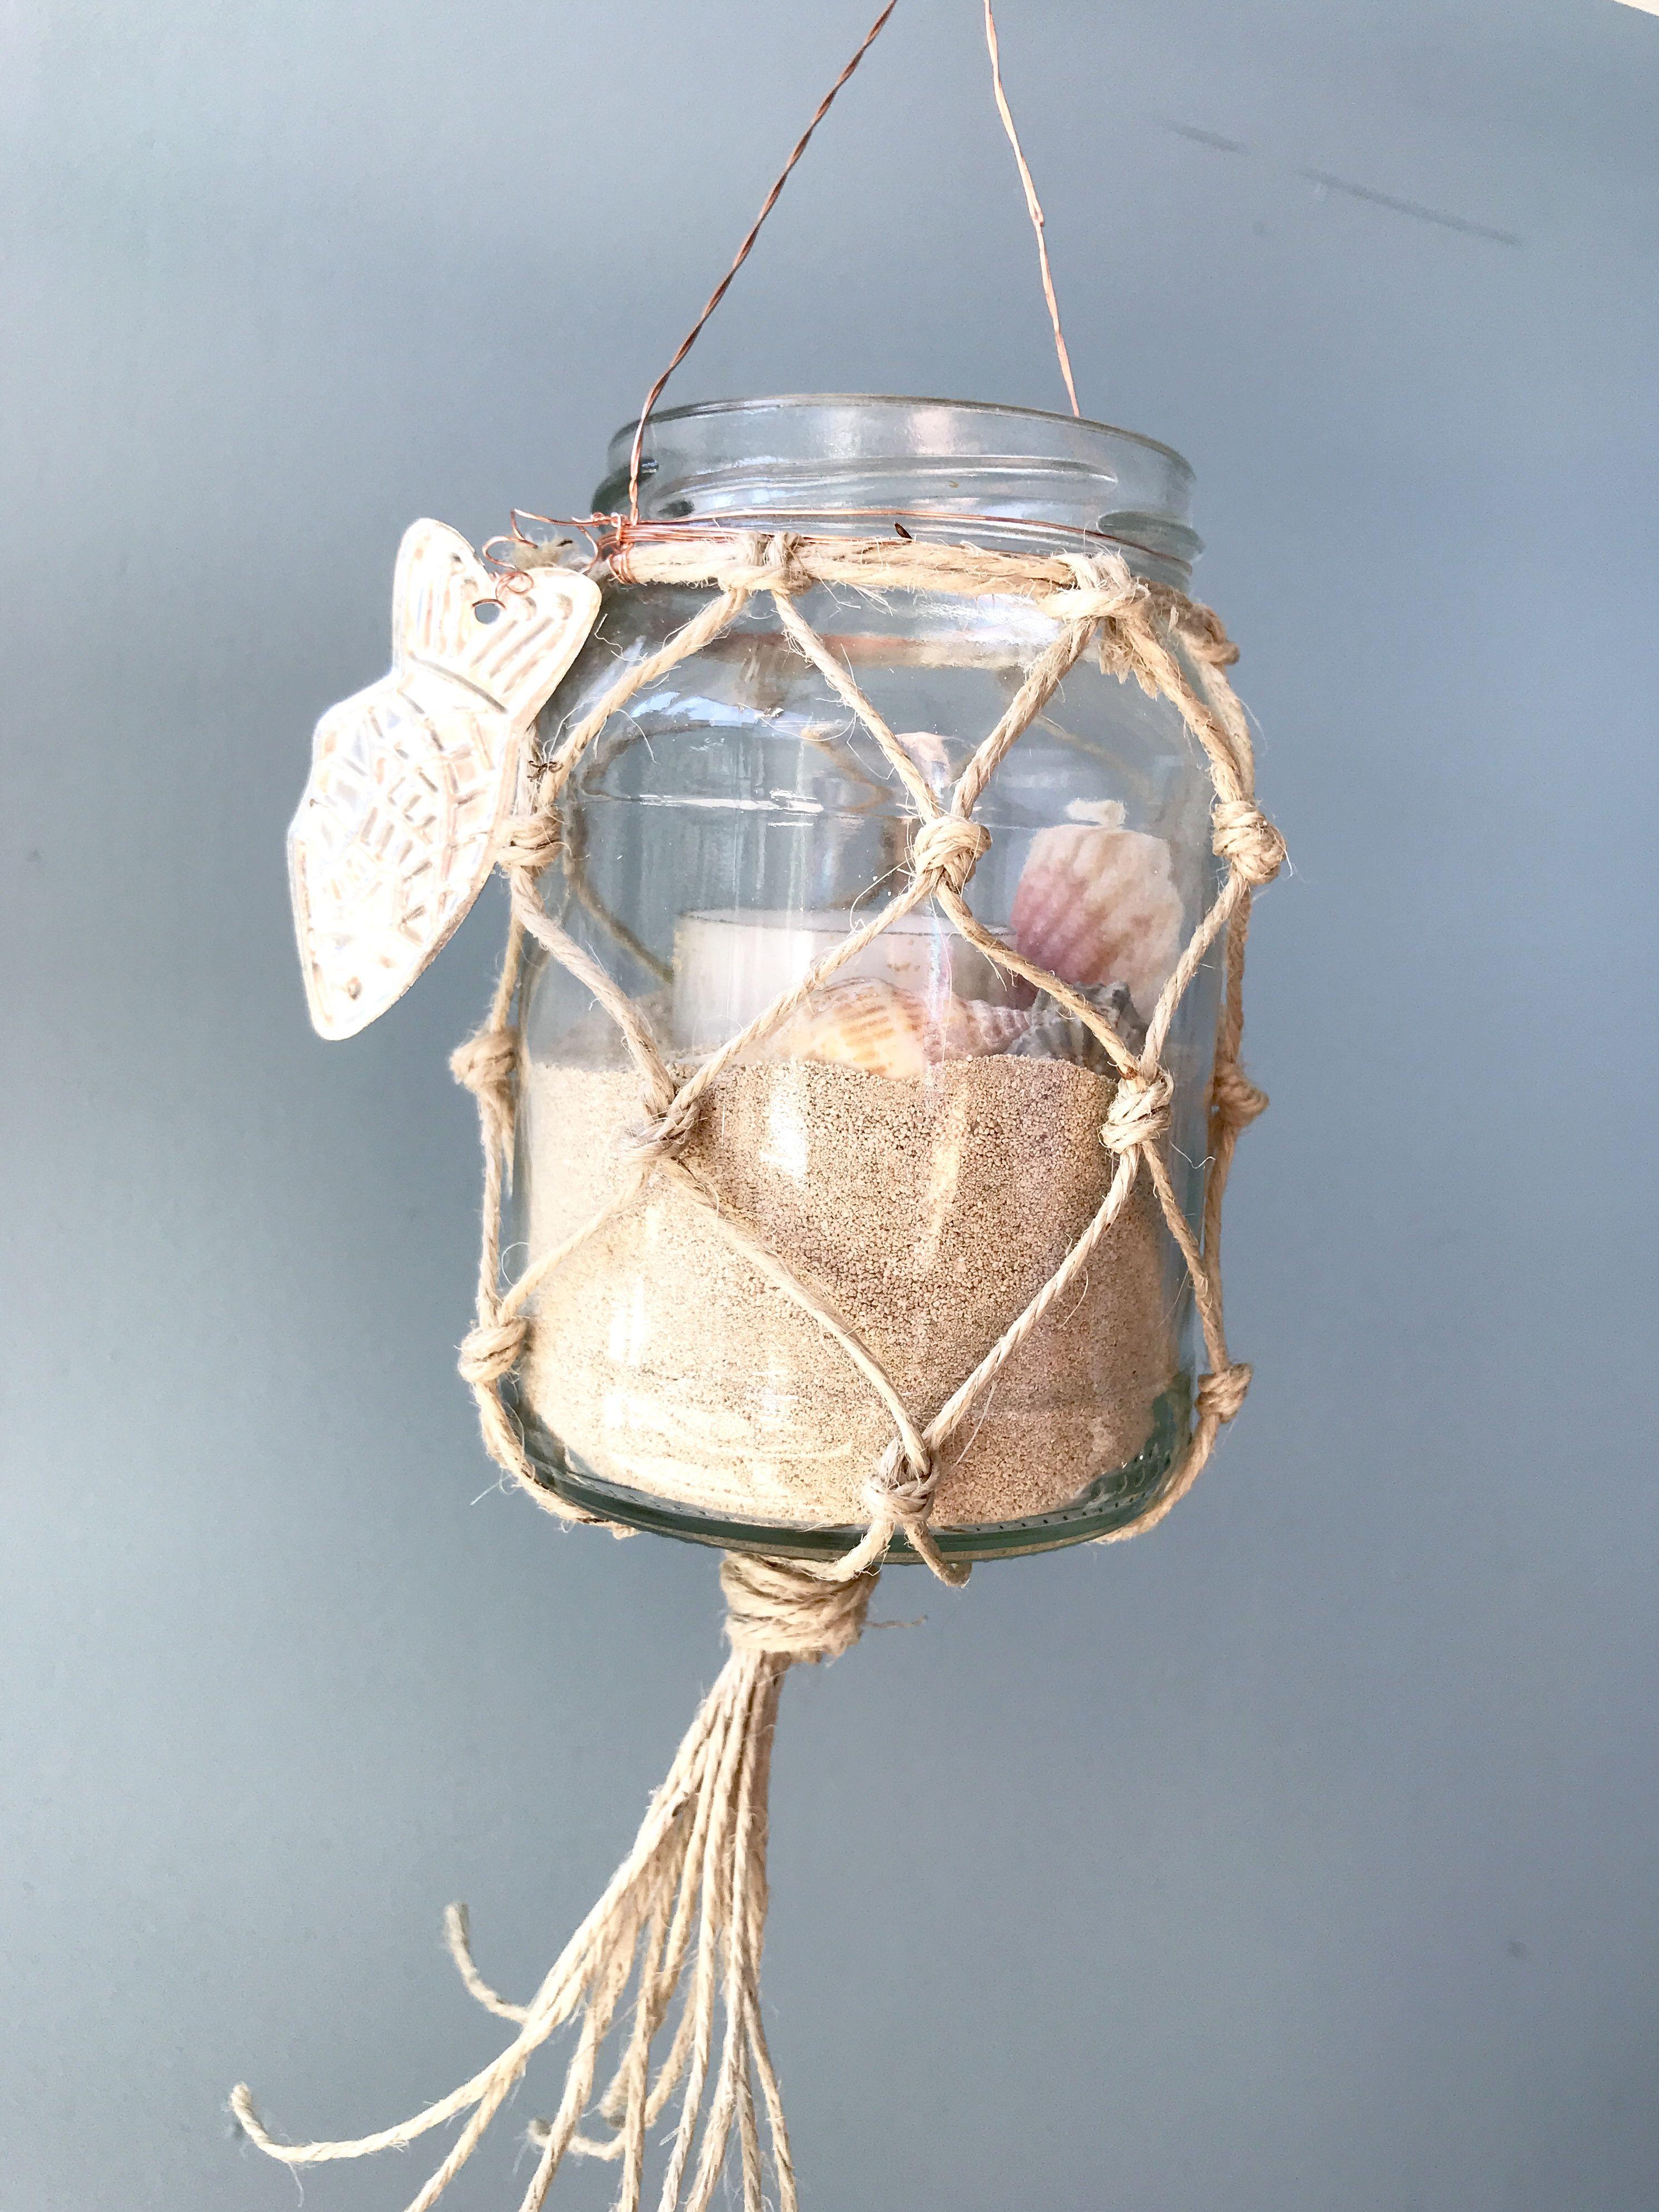 Diy Makramee Sommerdeko Weckglas Mit Fischernetz Als Windlicht Oder Vase Chalet8 Sommerdeko Sommer Dekoration Glasvasen Dekorieren